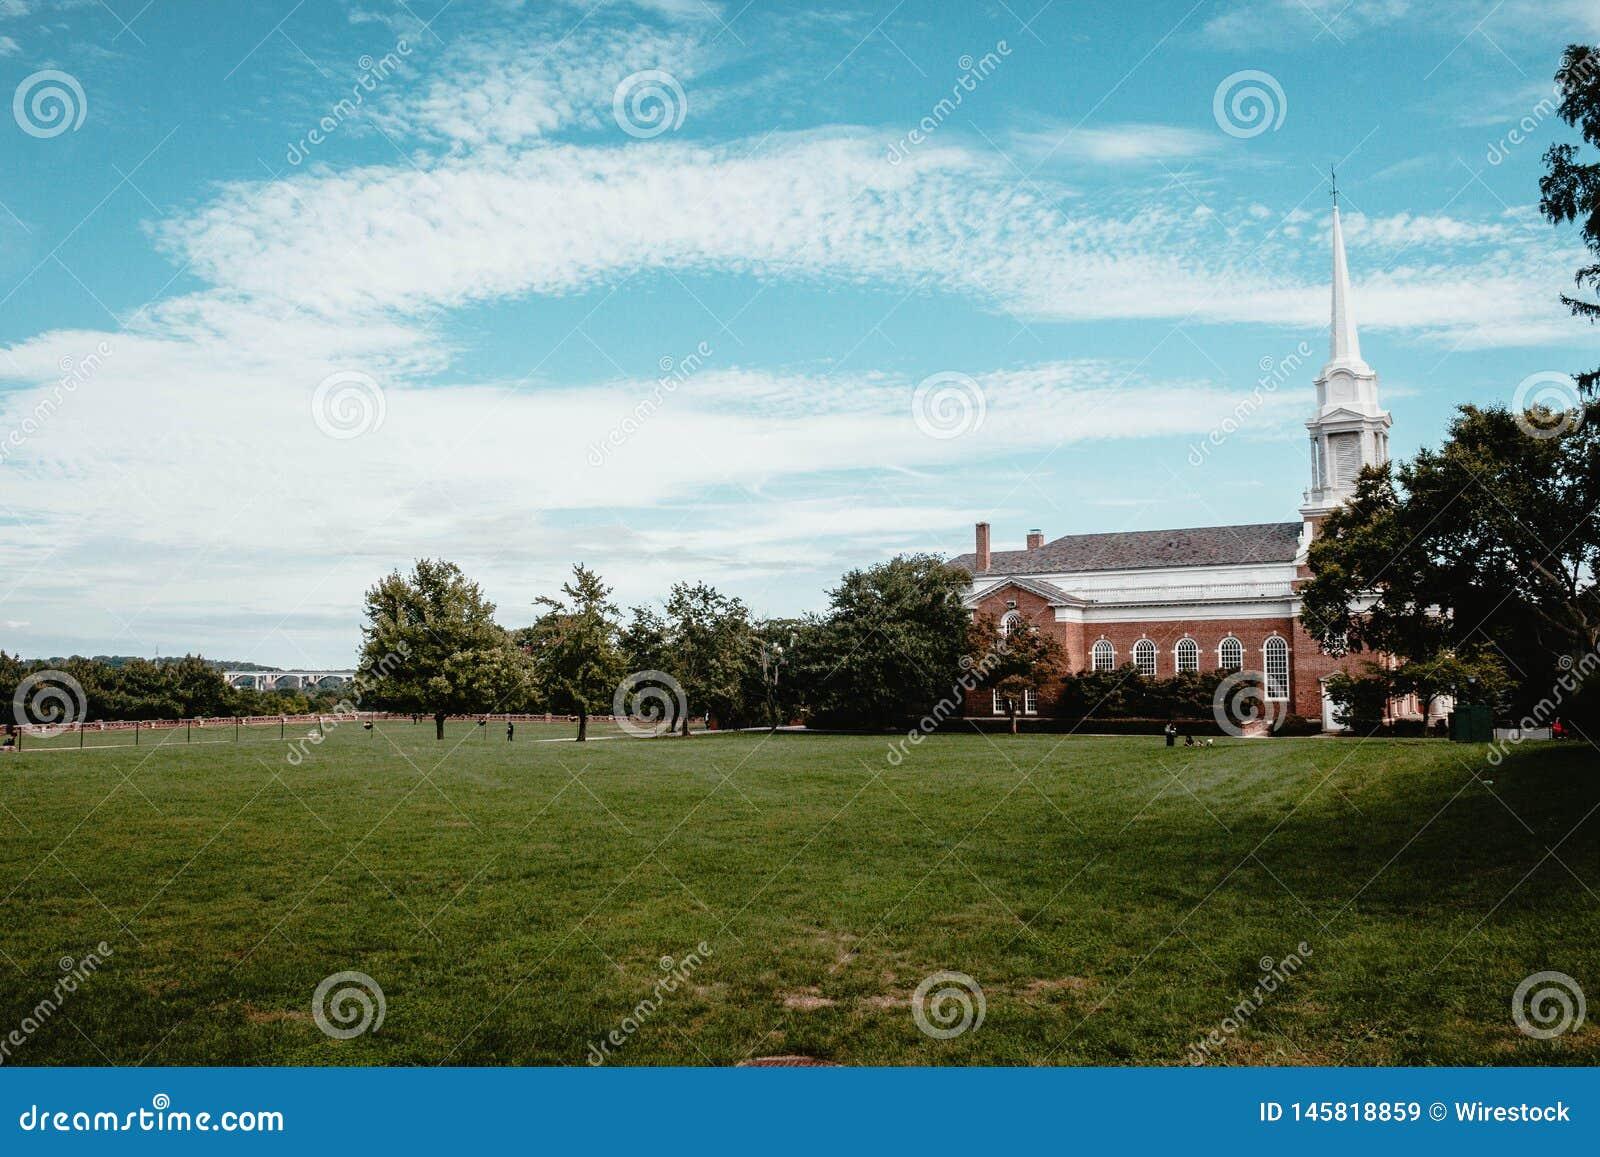 Ένας όμορφος πυροβολισμός μιας εκκλησίας σε έναν πράσινο τομέα